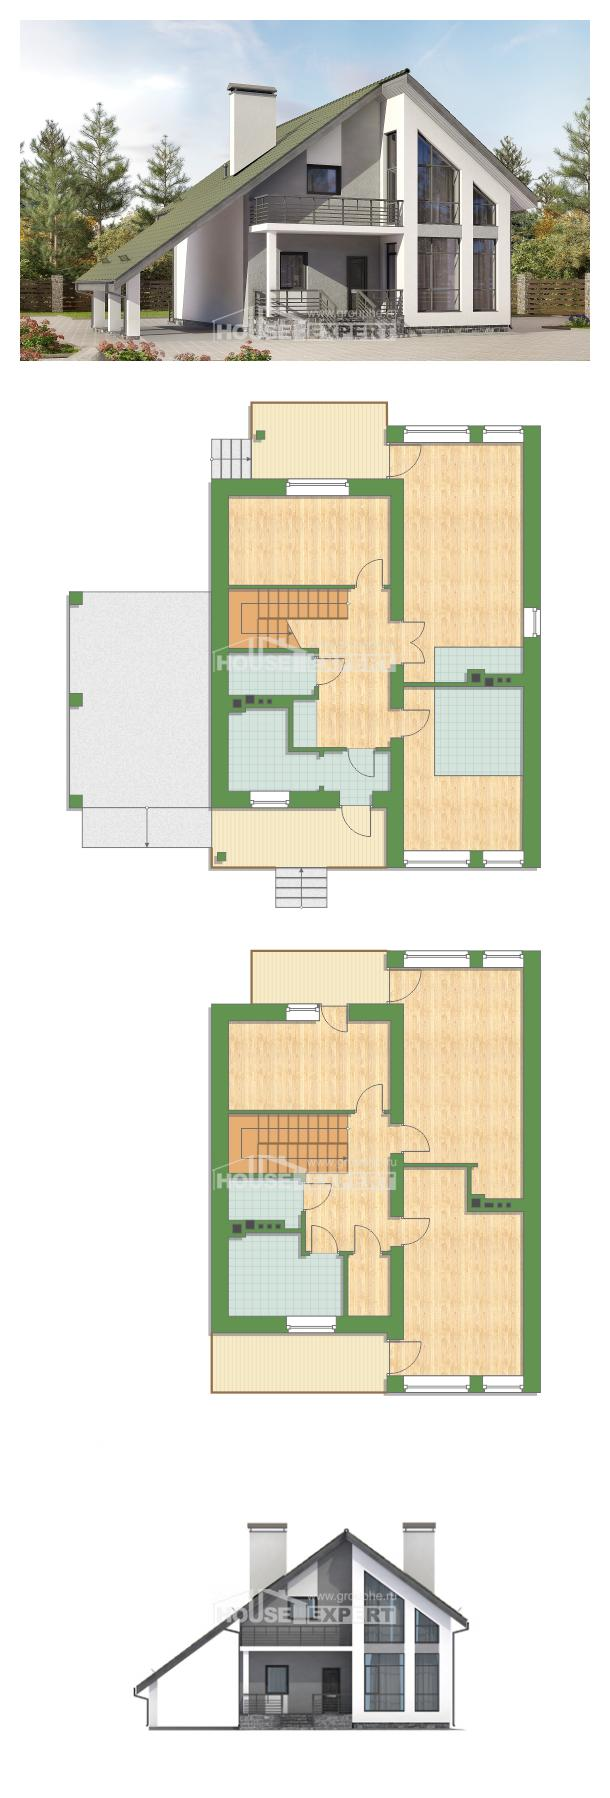 Проект на къща 170-009-L | House Expert